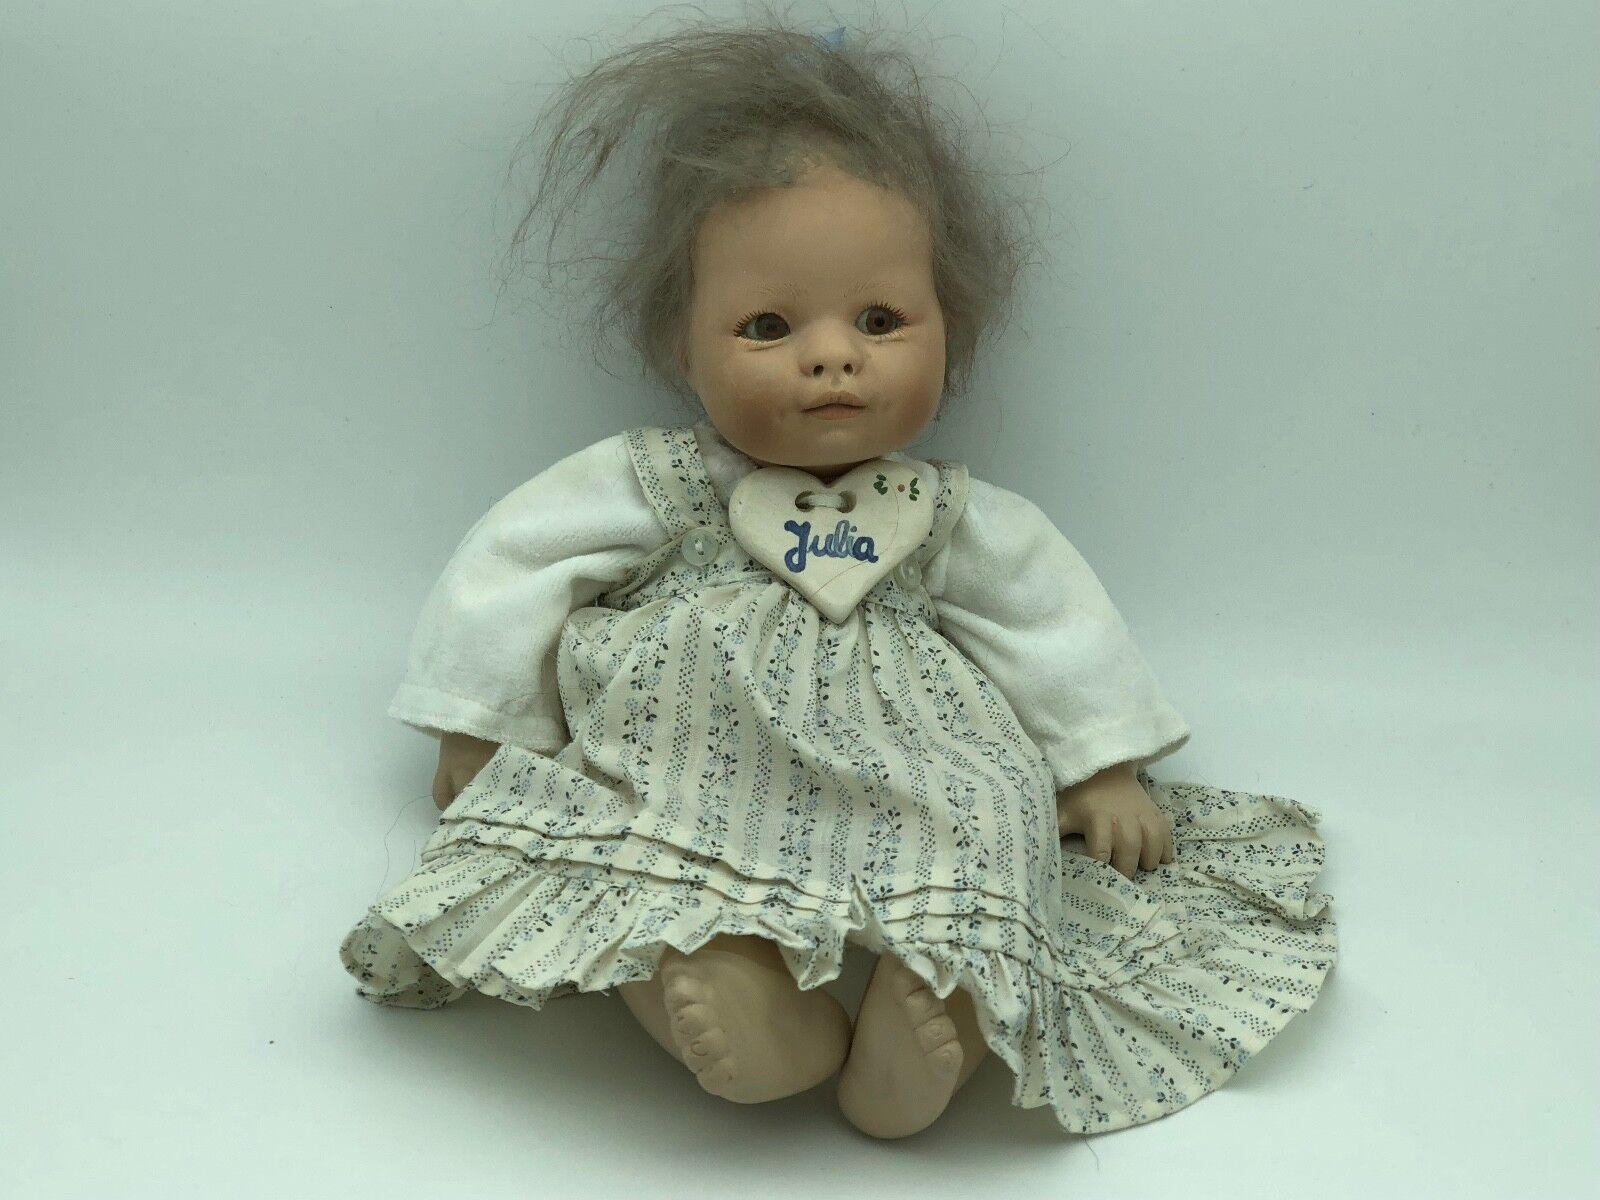 Artistes poupée poupée de porcelaine 31 cm cm cm excellent état d76840